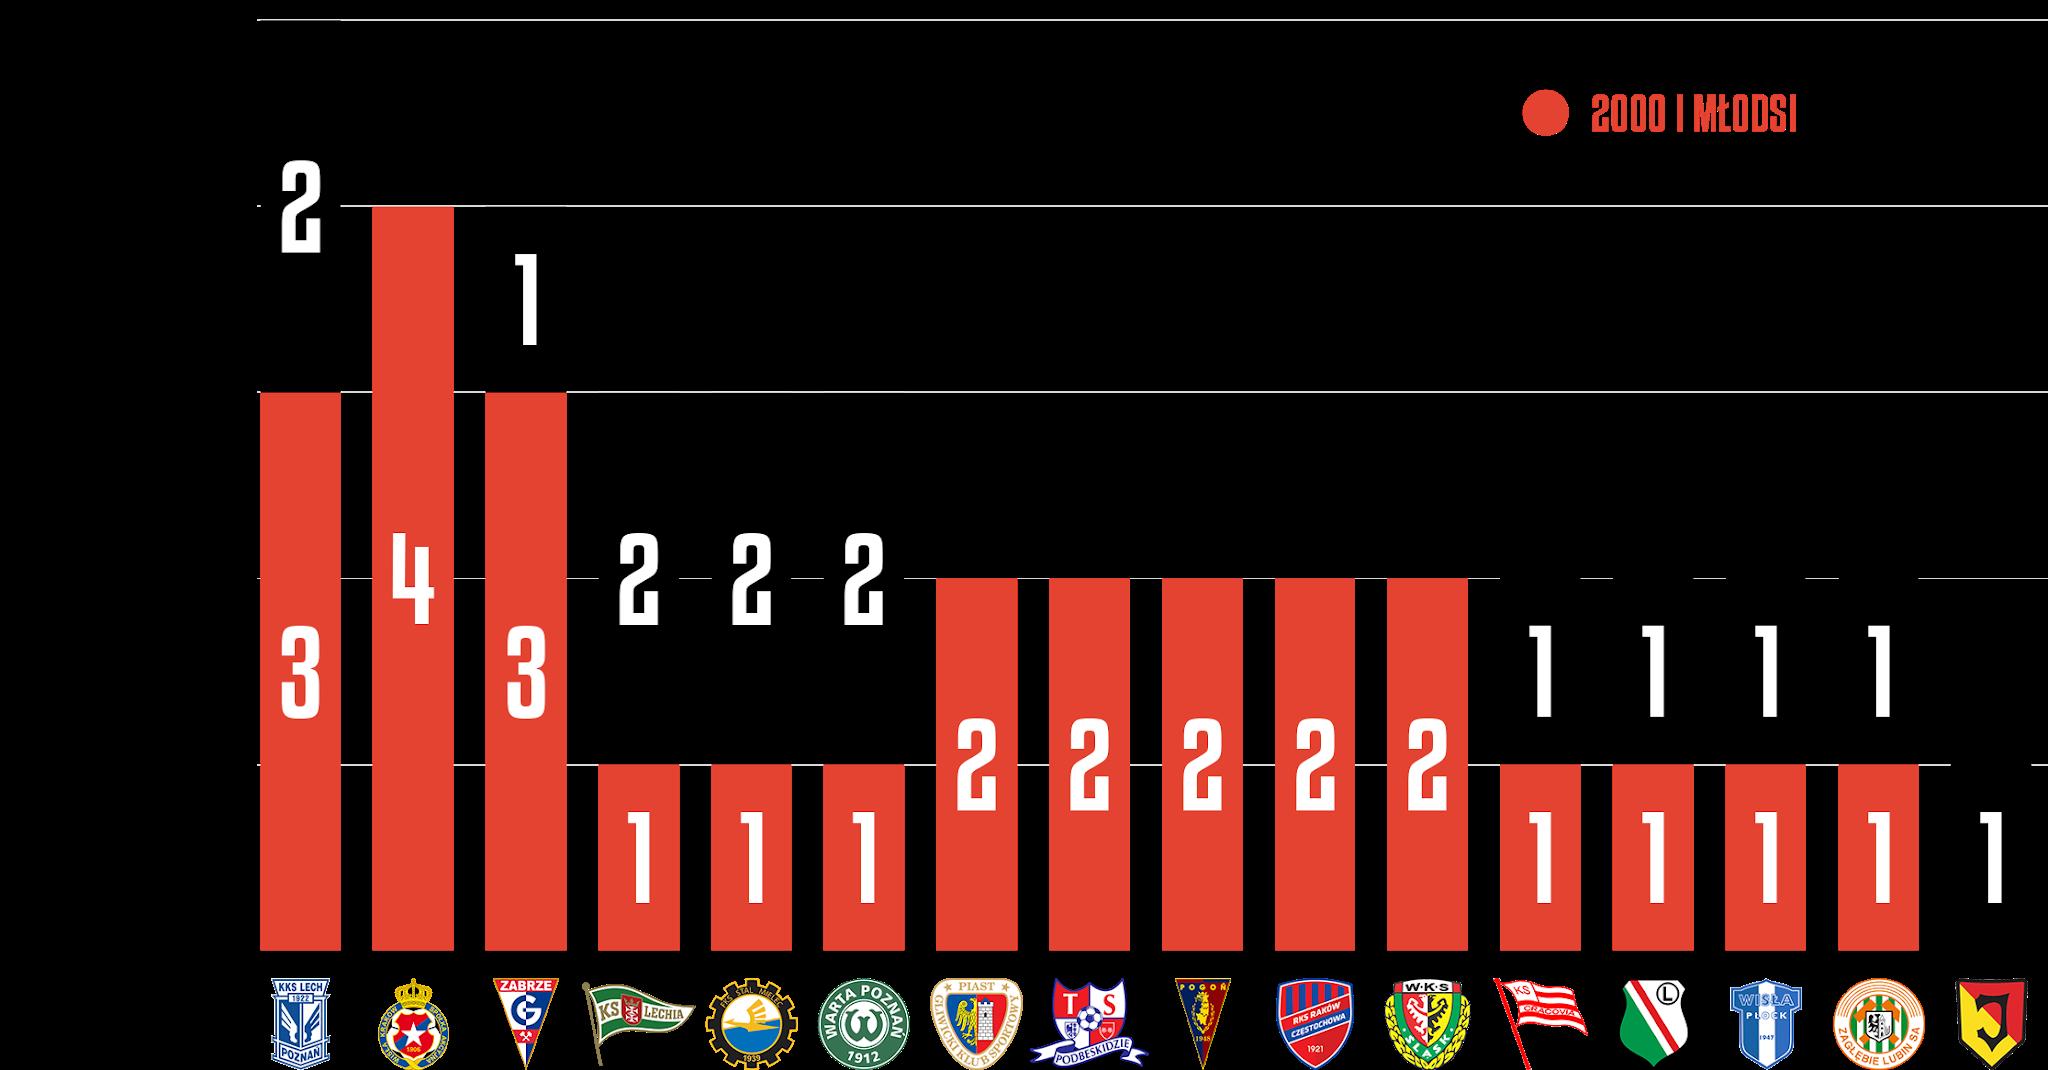 Młodzieżowcy w 7. kolejce PKO Ekstraklasy<br><br>Źródło: Opracowanie własne na podstawie ekstrastats.pl<br><br>graf. Bartosz Urban